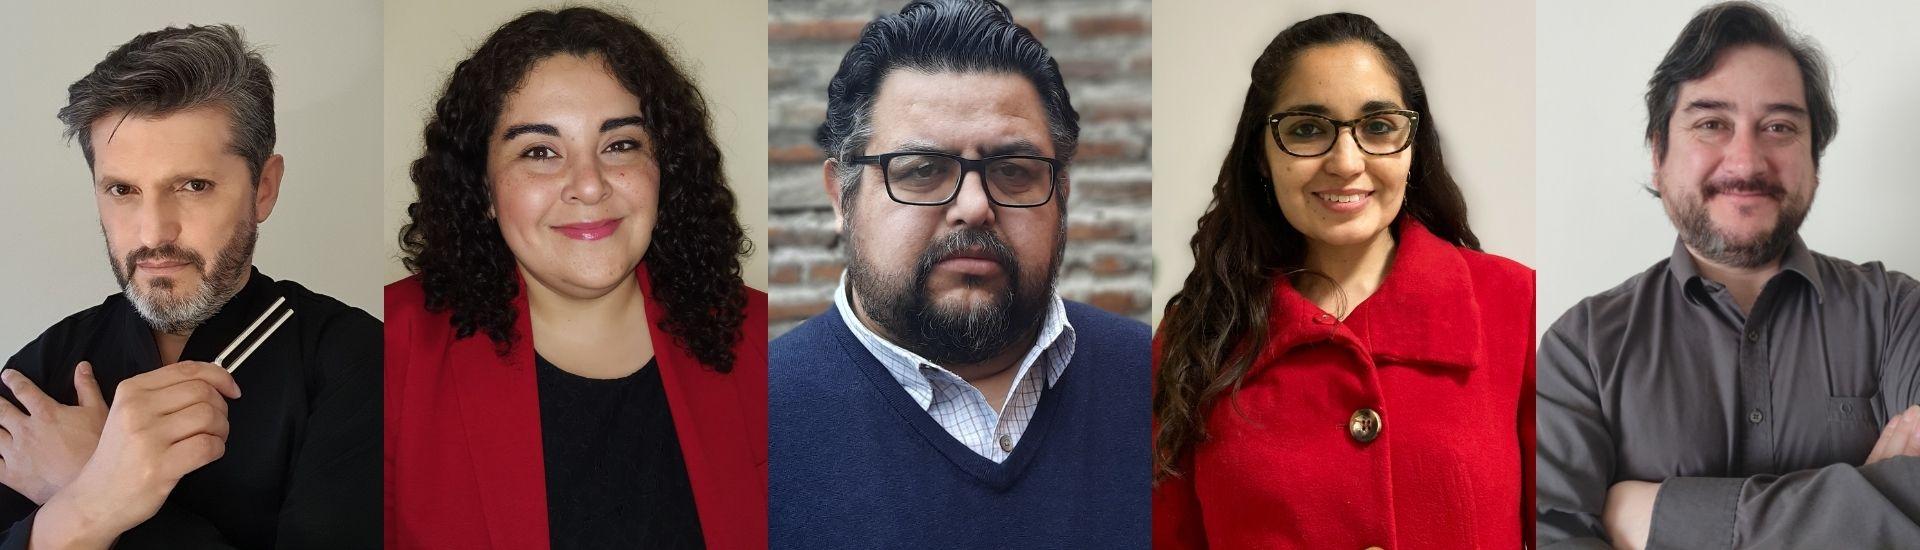 Retratos de algunos de los docentes de música finalistas del Global Teacher Prize Chile 2021, en la categoría Profesor de Música